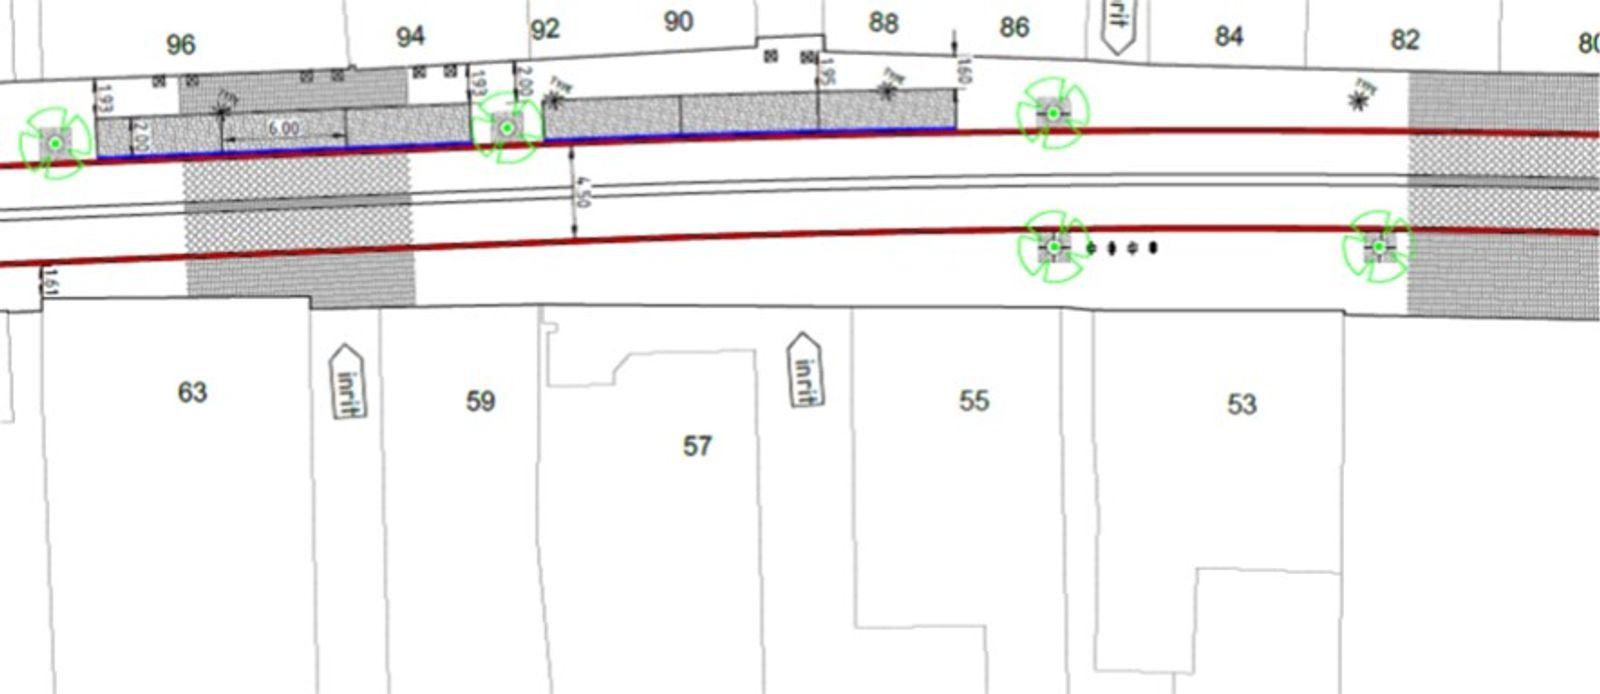 Ruim en modern winkelpand met pantry en toiletruimte gelegen in de levendige winkelstraat van Zundert op loopafstand van alle dagelijkse voorzieningen en de uitvalsweg naar Antwerpen. Boven het winkelpand zijn 3 appartementen gesitueerd welke inmiddels zijn verhuurd.  De Molenstraat wordt opnieuw ingericht als een fietsstraat waar de auto te gast is. Deze wordt breed opgezet om het overzicht en de veiligheid te bewaren. Daarnaast wordt de straat groen ingericht met verrijdbare boombakken. Hierdoor blijf de Molenstraat zeer toegankelijk voor de Zundertse evenementen.     Verder vind je in de Molenstraat winkels– en horecavoorzieningen zoals o.a. een AH, Dirk v/d Broek, Kruidvat, Shoeby, Etos, slager– en bakkerij, boetiekjes, brasseries– en cafes.  Aan de achterzijde van het pand bevinden zich twee prive parkeerplekken met voldoende ruimte.   Beschikbaar- medio juli 2019 Aanpassingen gevel en/of intern in overleg.